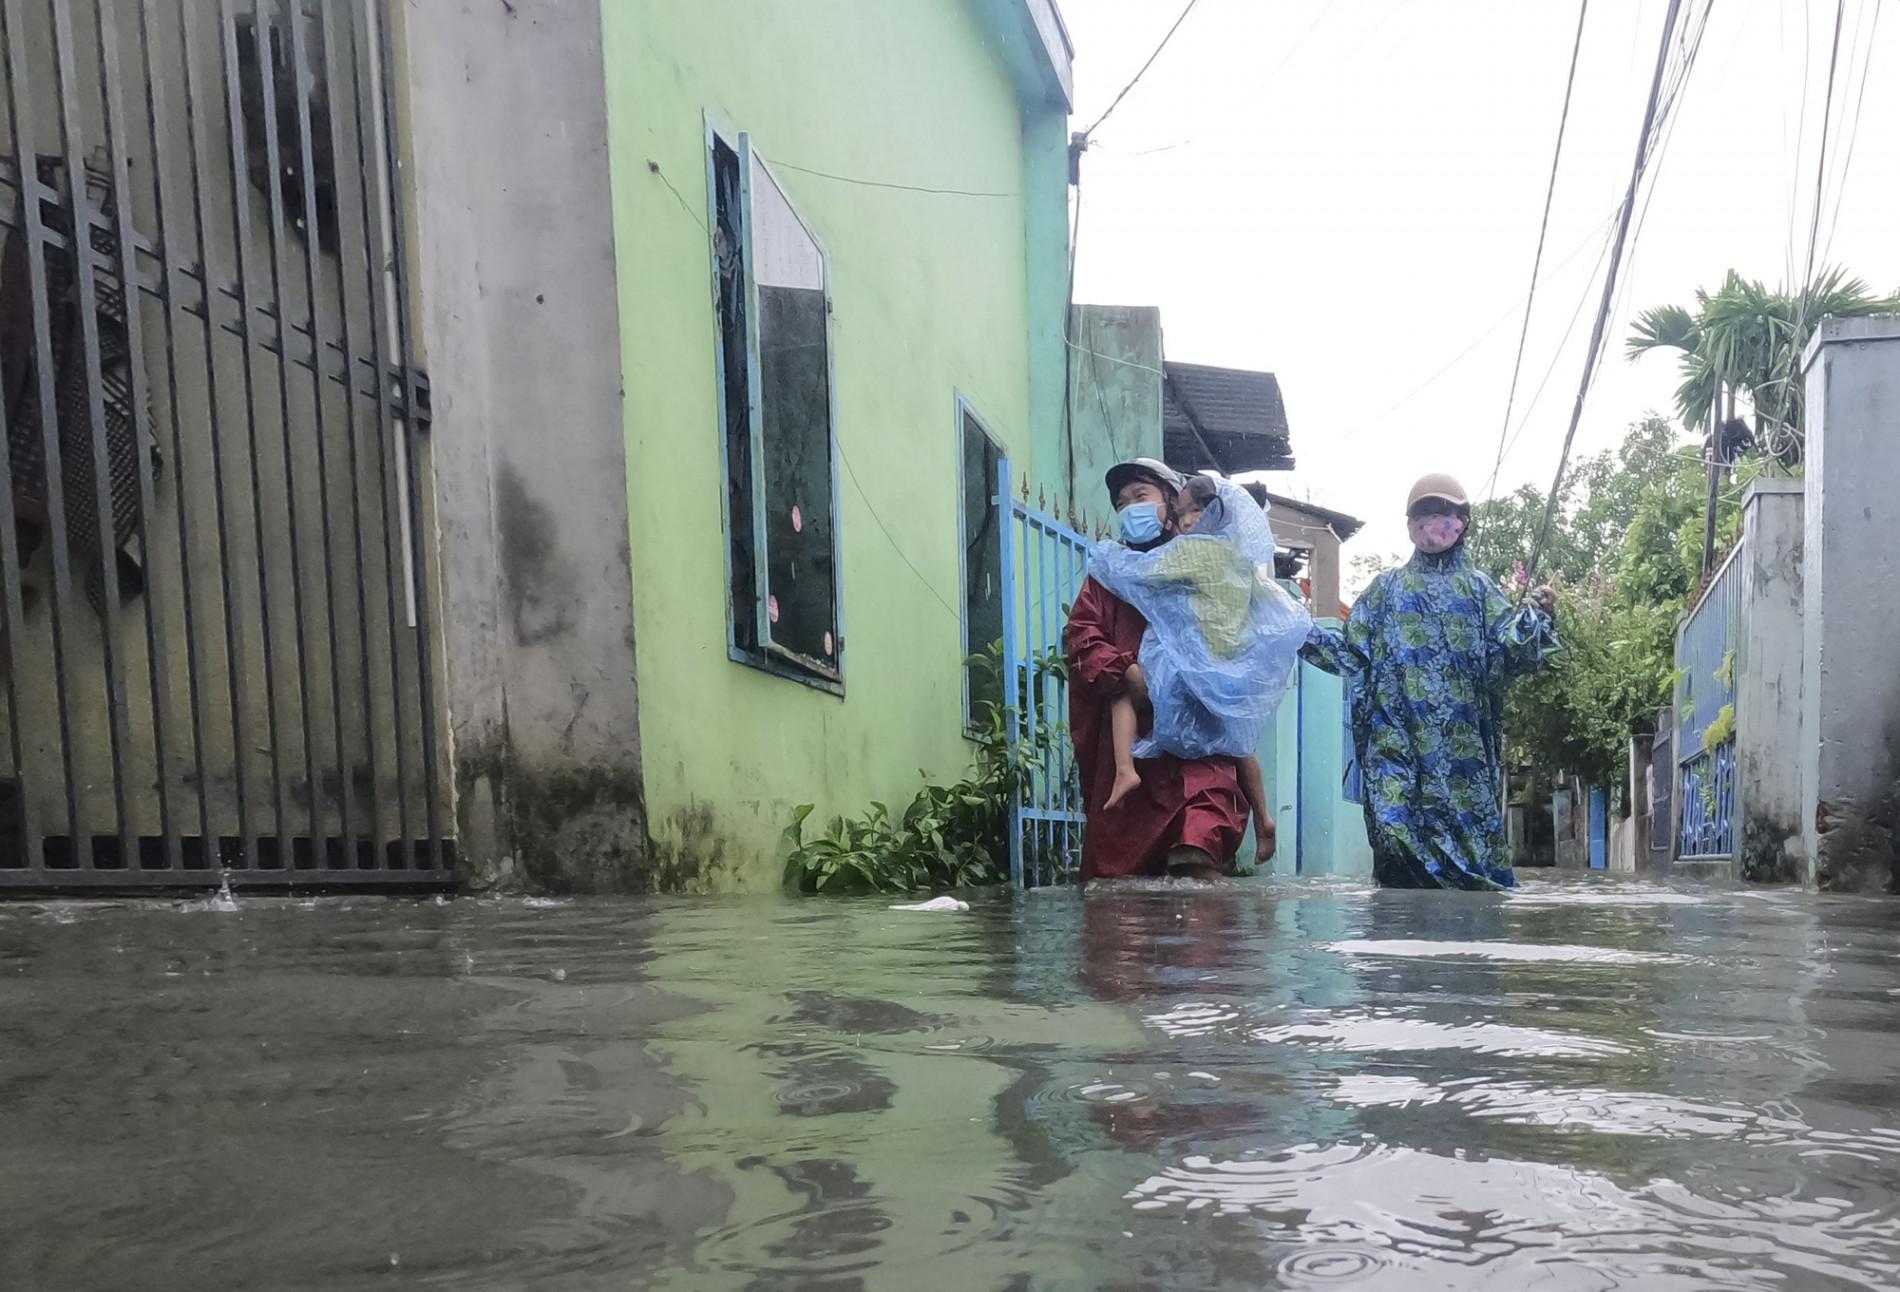 Đà Nẵng: Khu dân cư ngập sâu, nhiều người phải bồng con đi gửi nhờ - Ảnh 8.